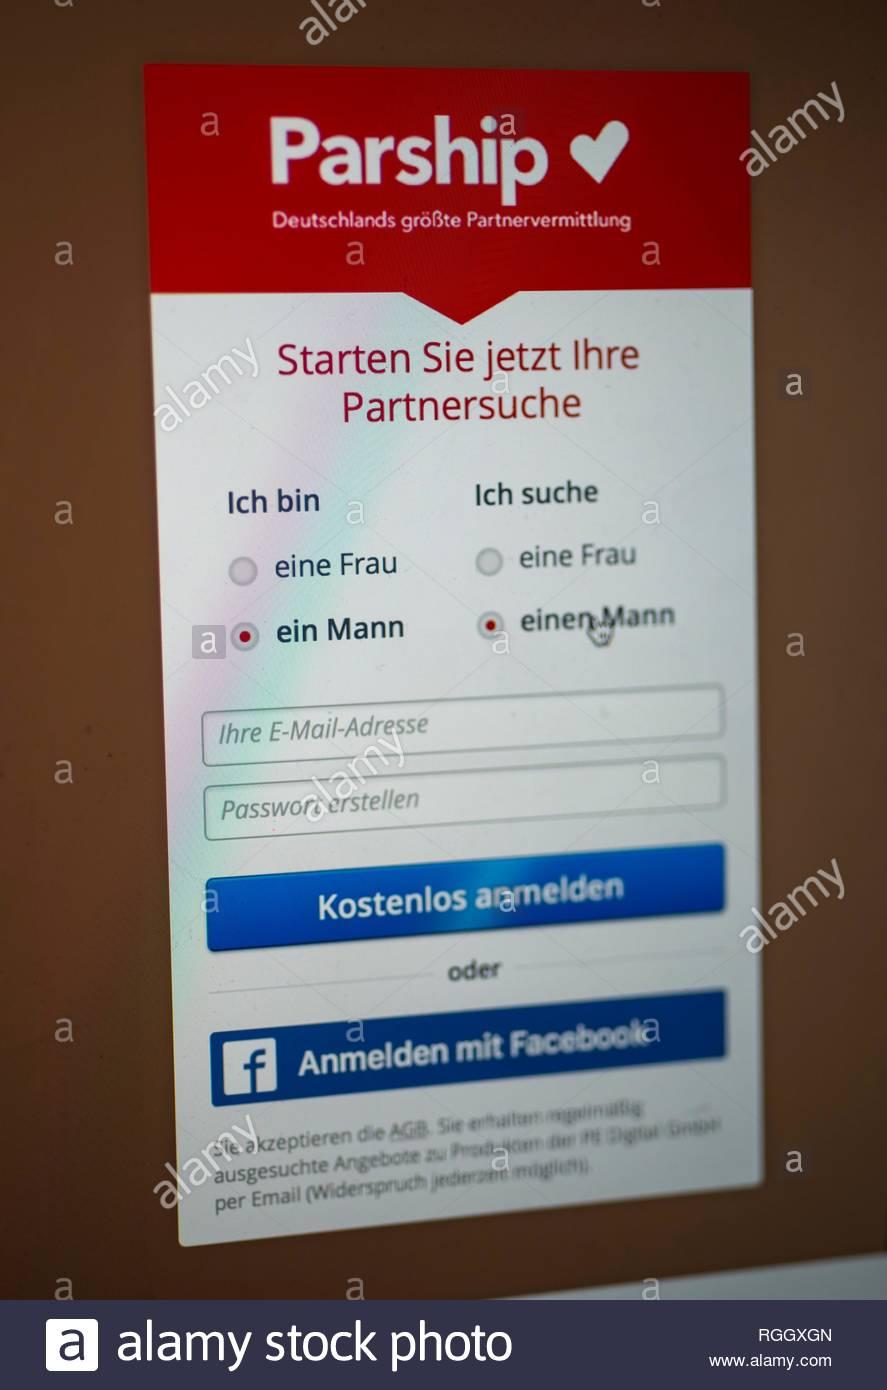 Parship, site de rencontres, site de rencontres, page d'accueil avec des recherches entrée man man, réseaux sociaux, Internet, écran, Allemagne Photo Stock